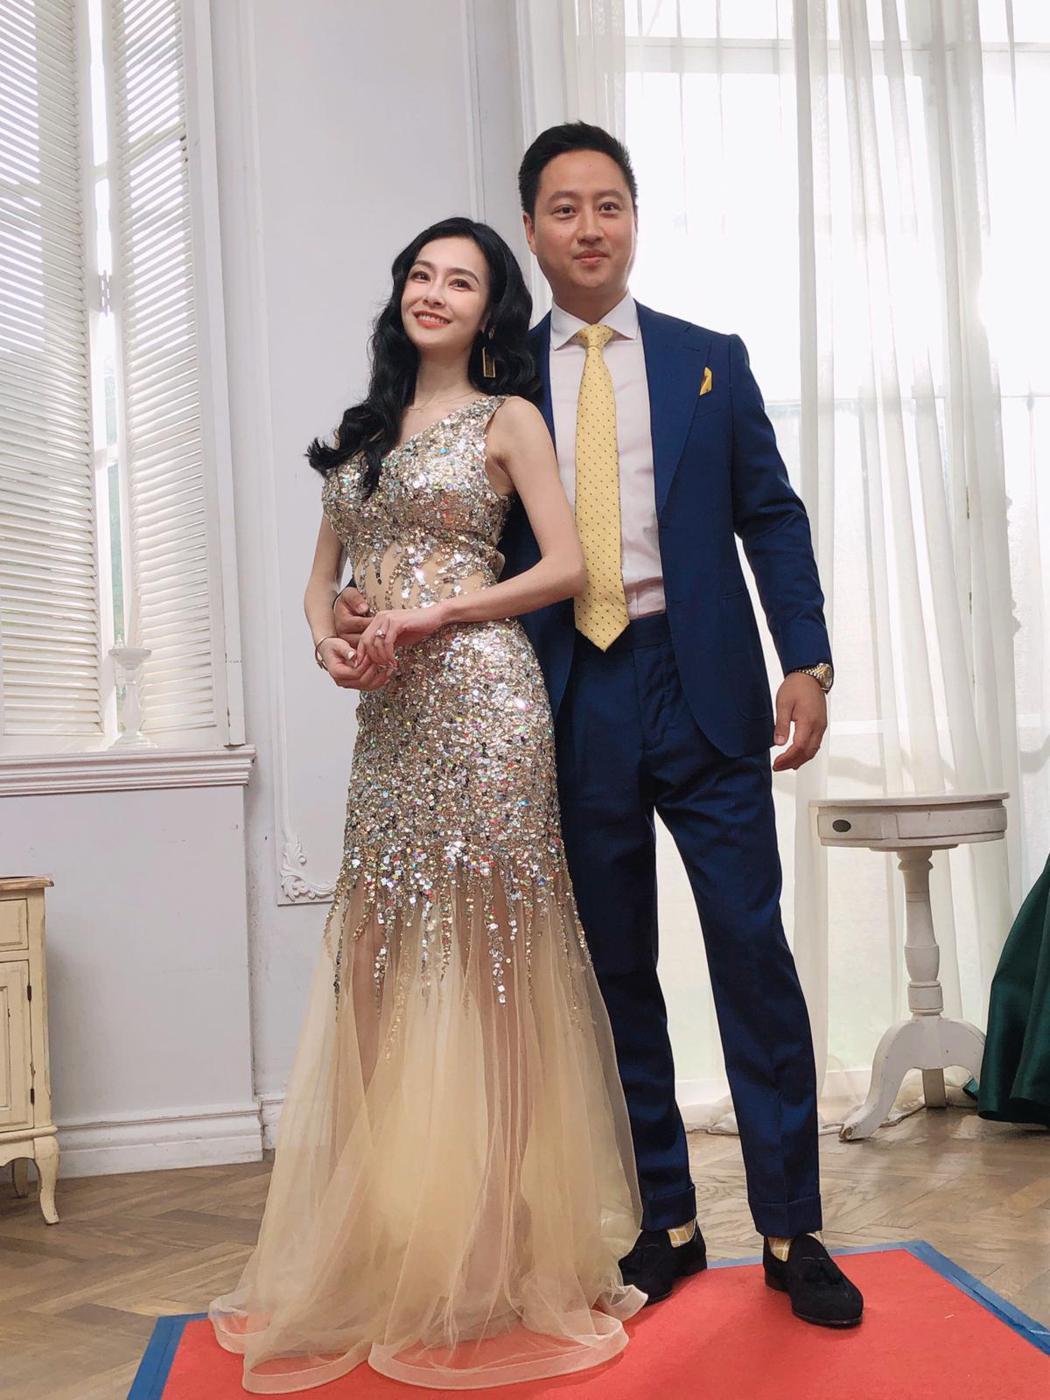 王思佳與老公Joe婚後首次同台。圖/源鑛娛樂提供